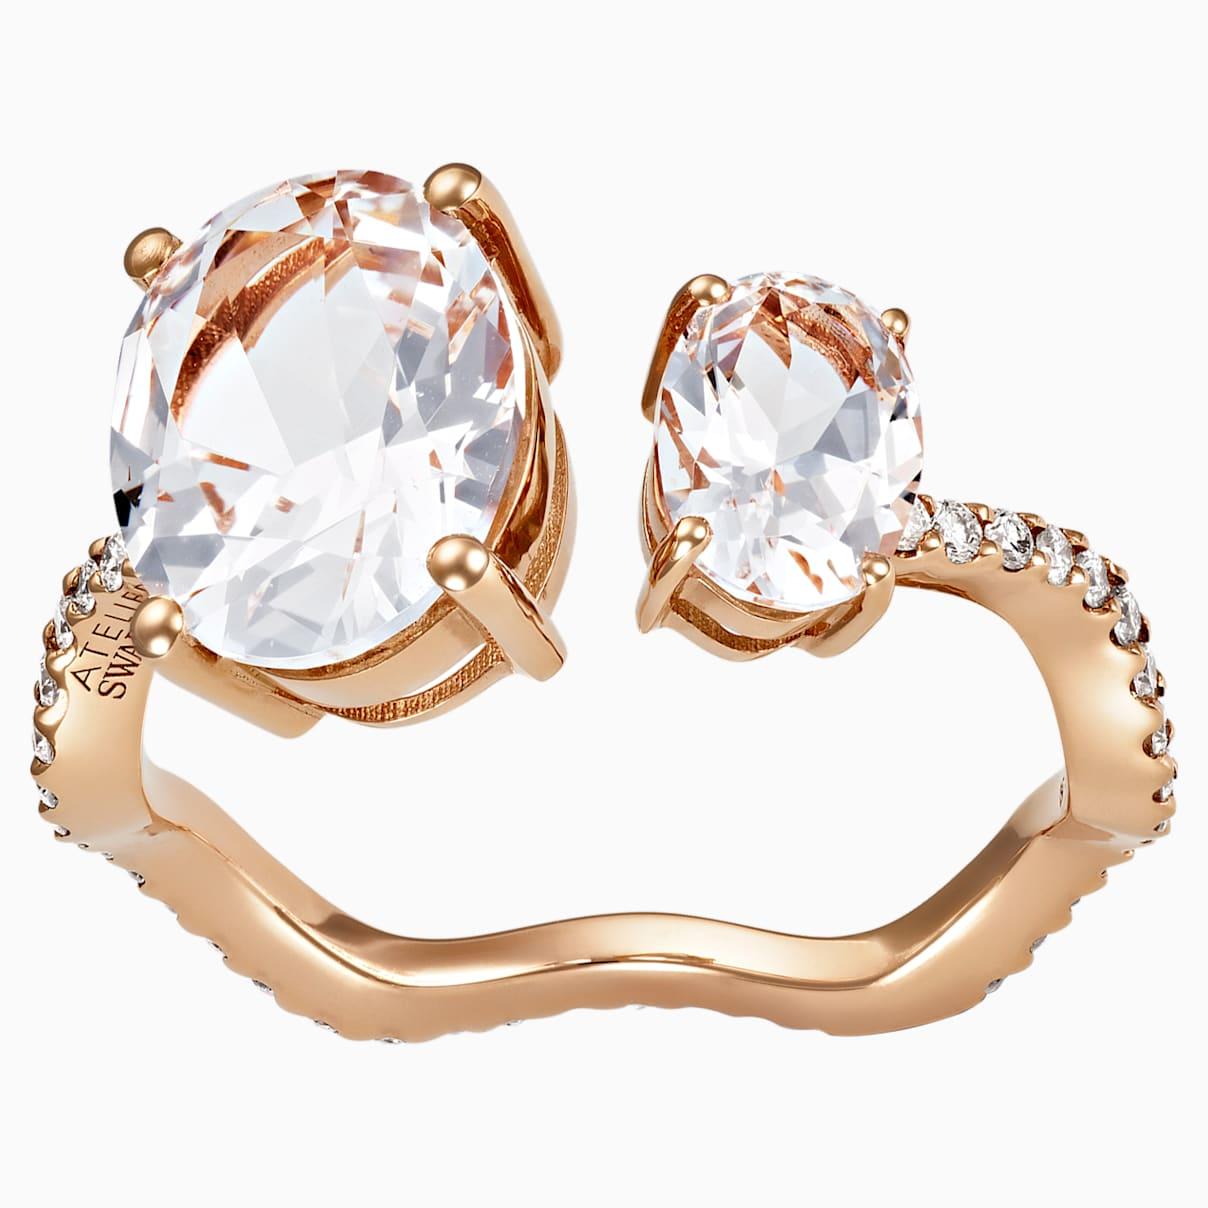 Arc-en-ciel Ring, White Topaz, 18K Rose Gold, Size 52